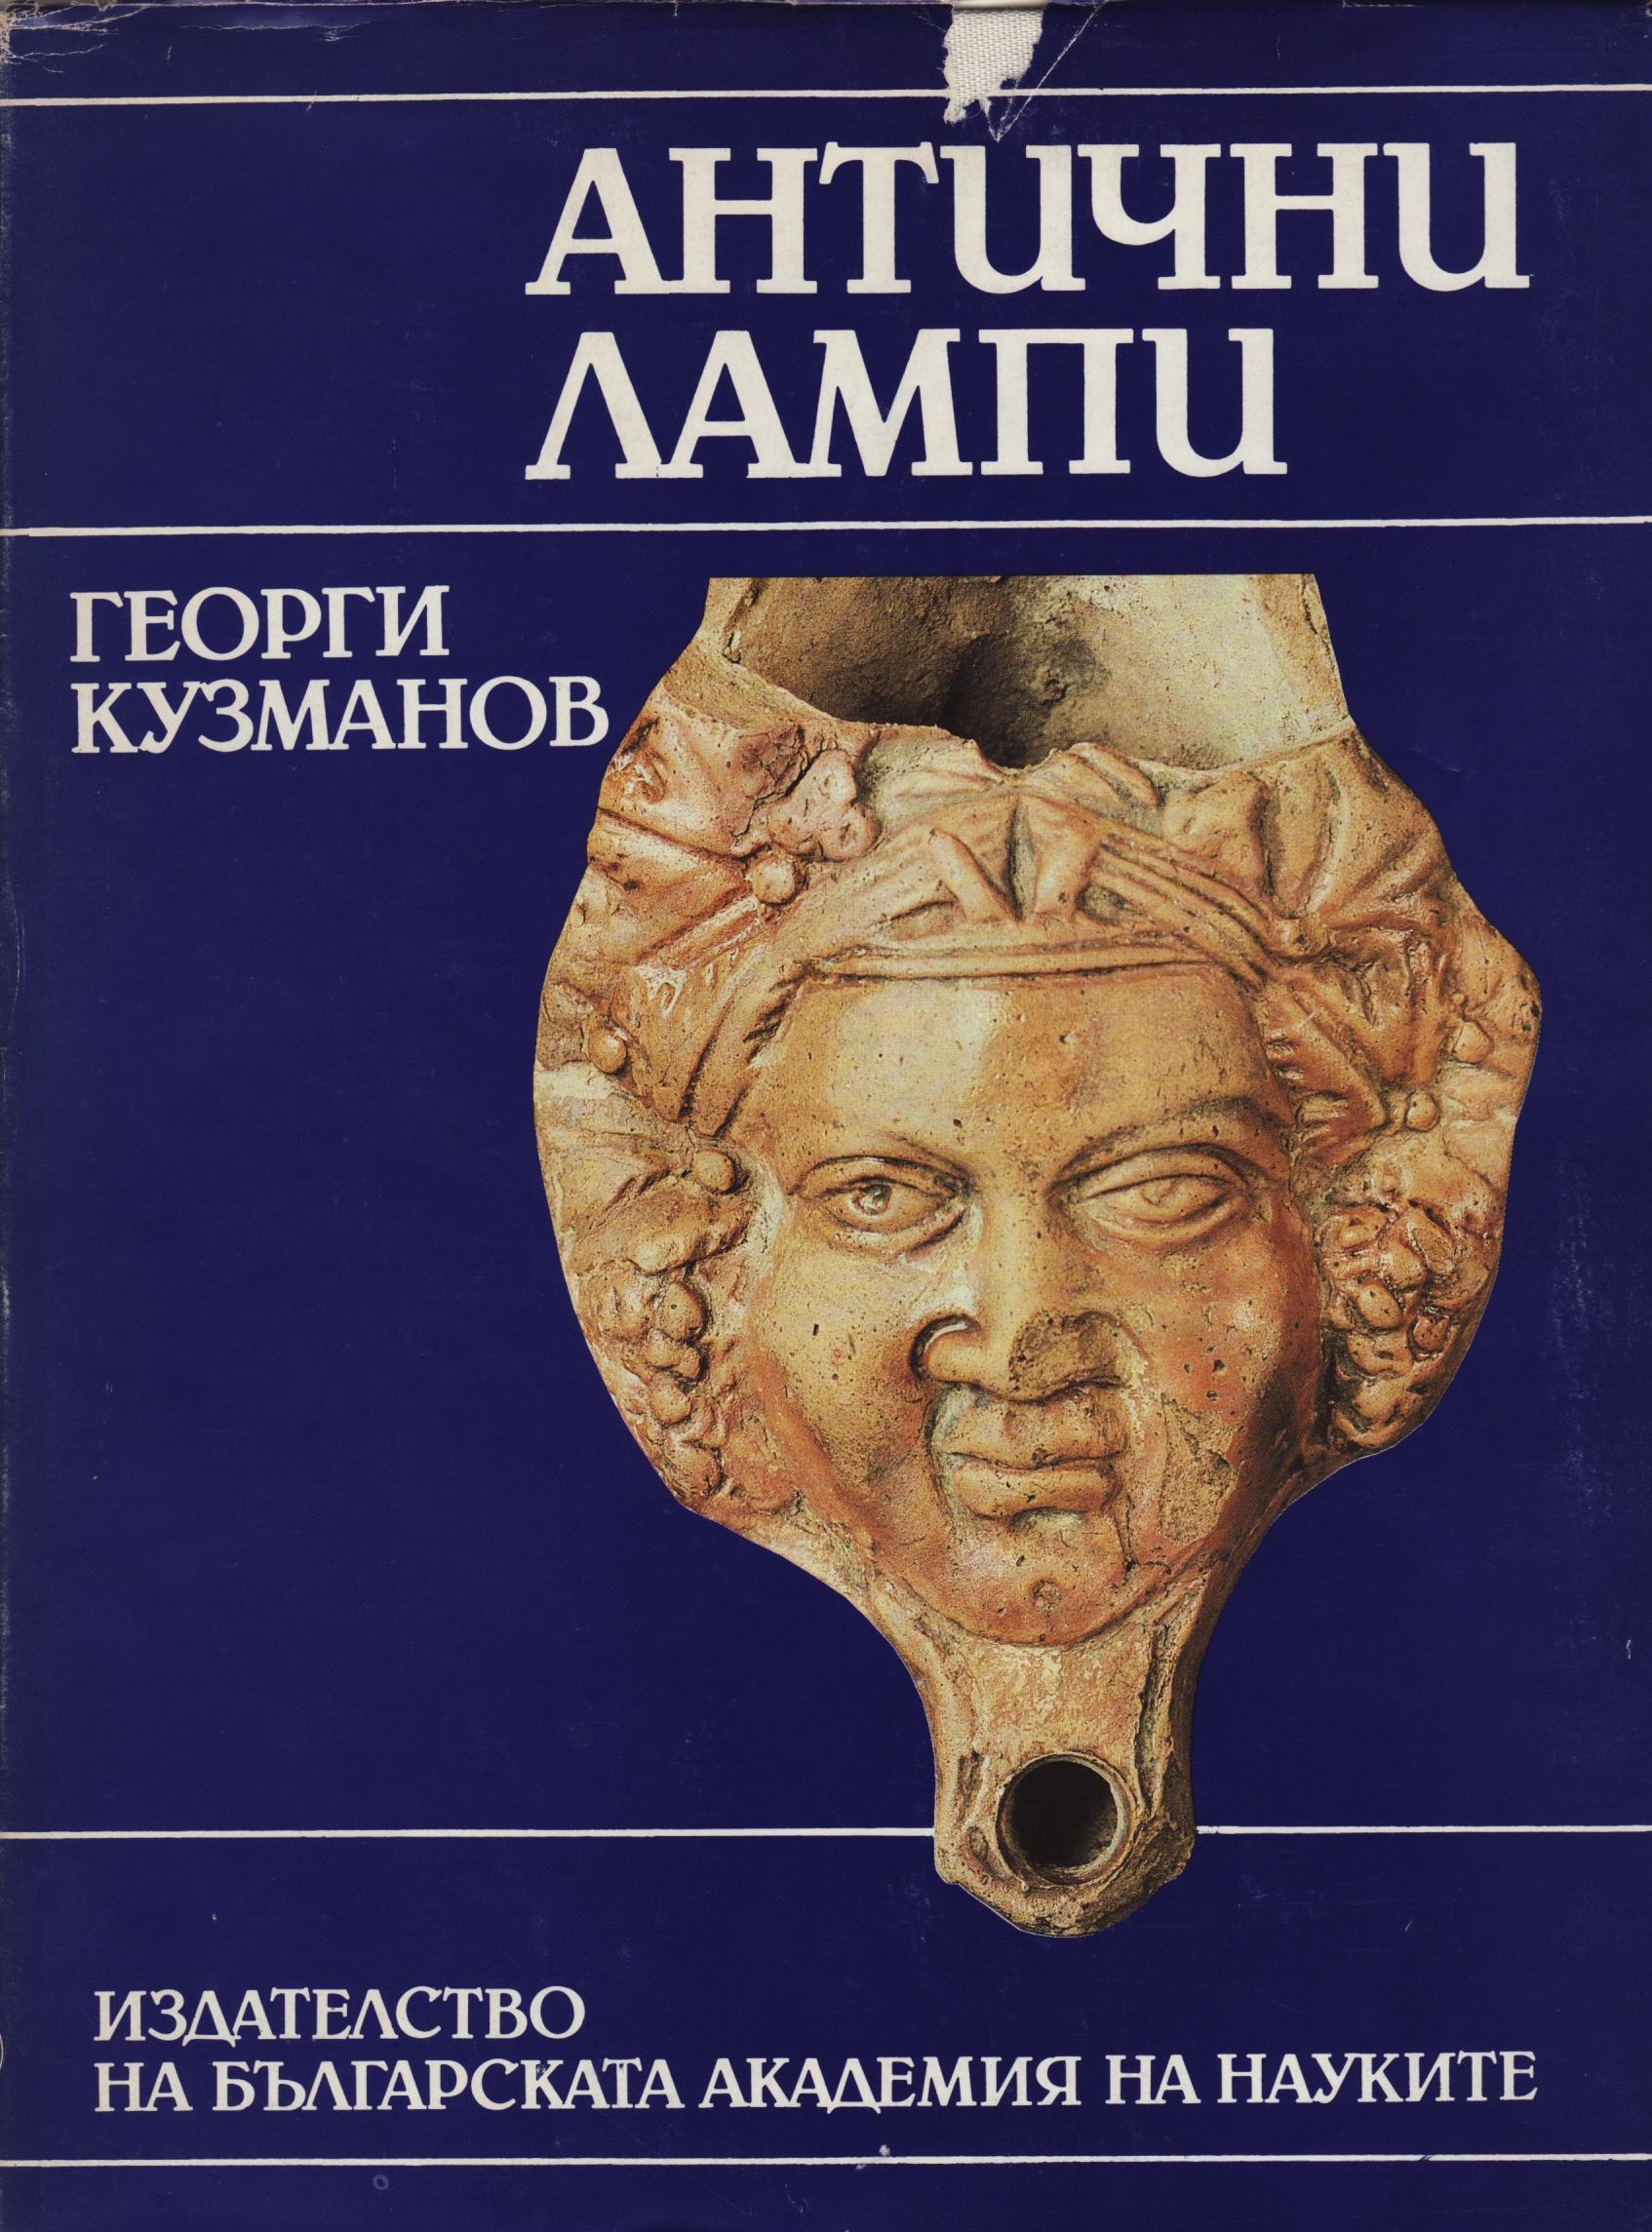 Kuzmanov 1992